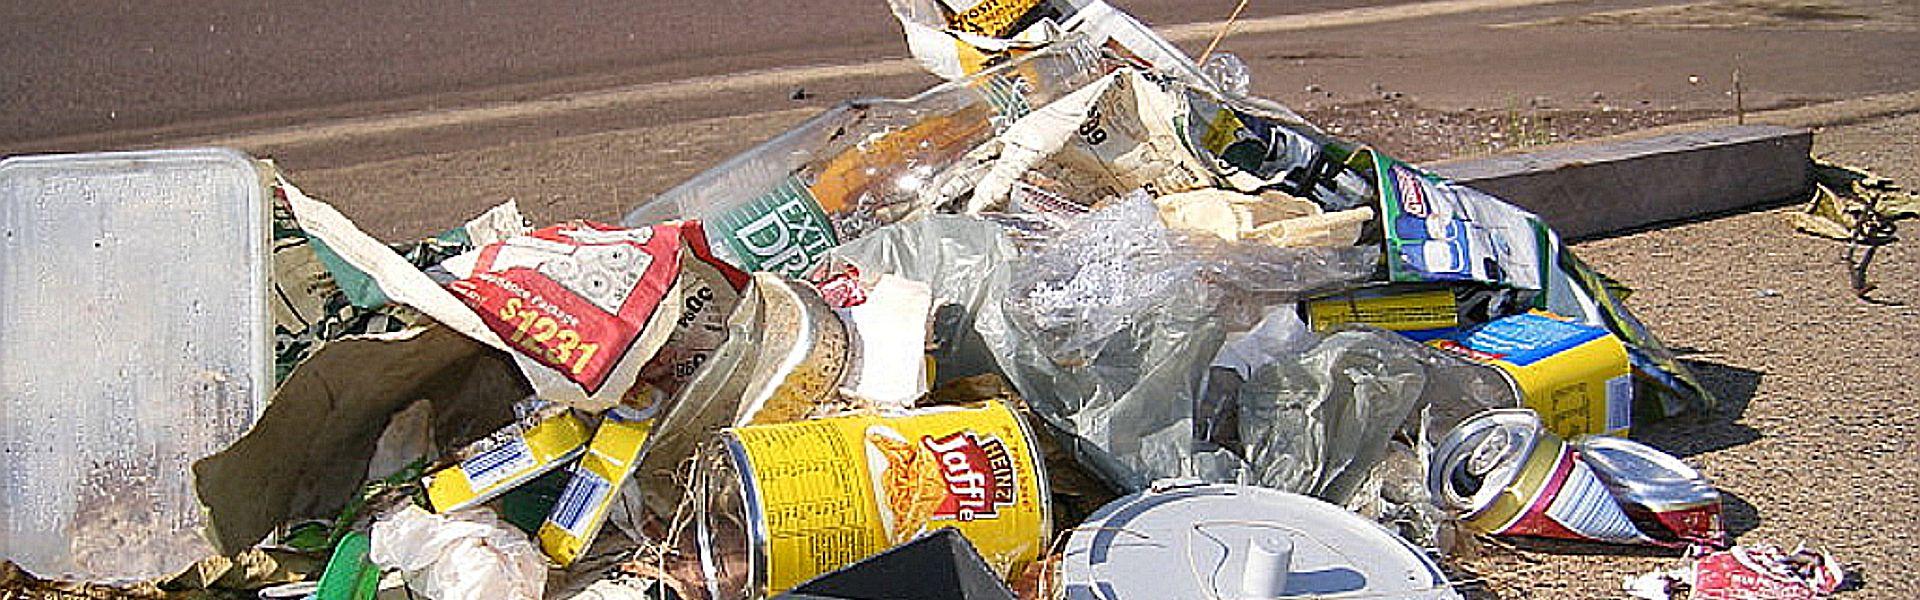 Zwerfafval bij het versje 'Afvalrace' van Paul Schrijft. Foto: davidfntau op Flicr